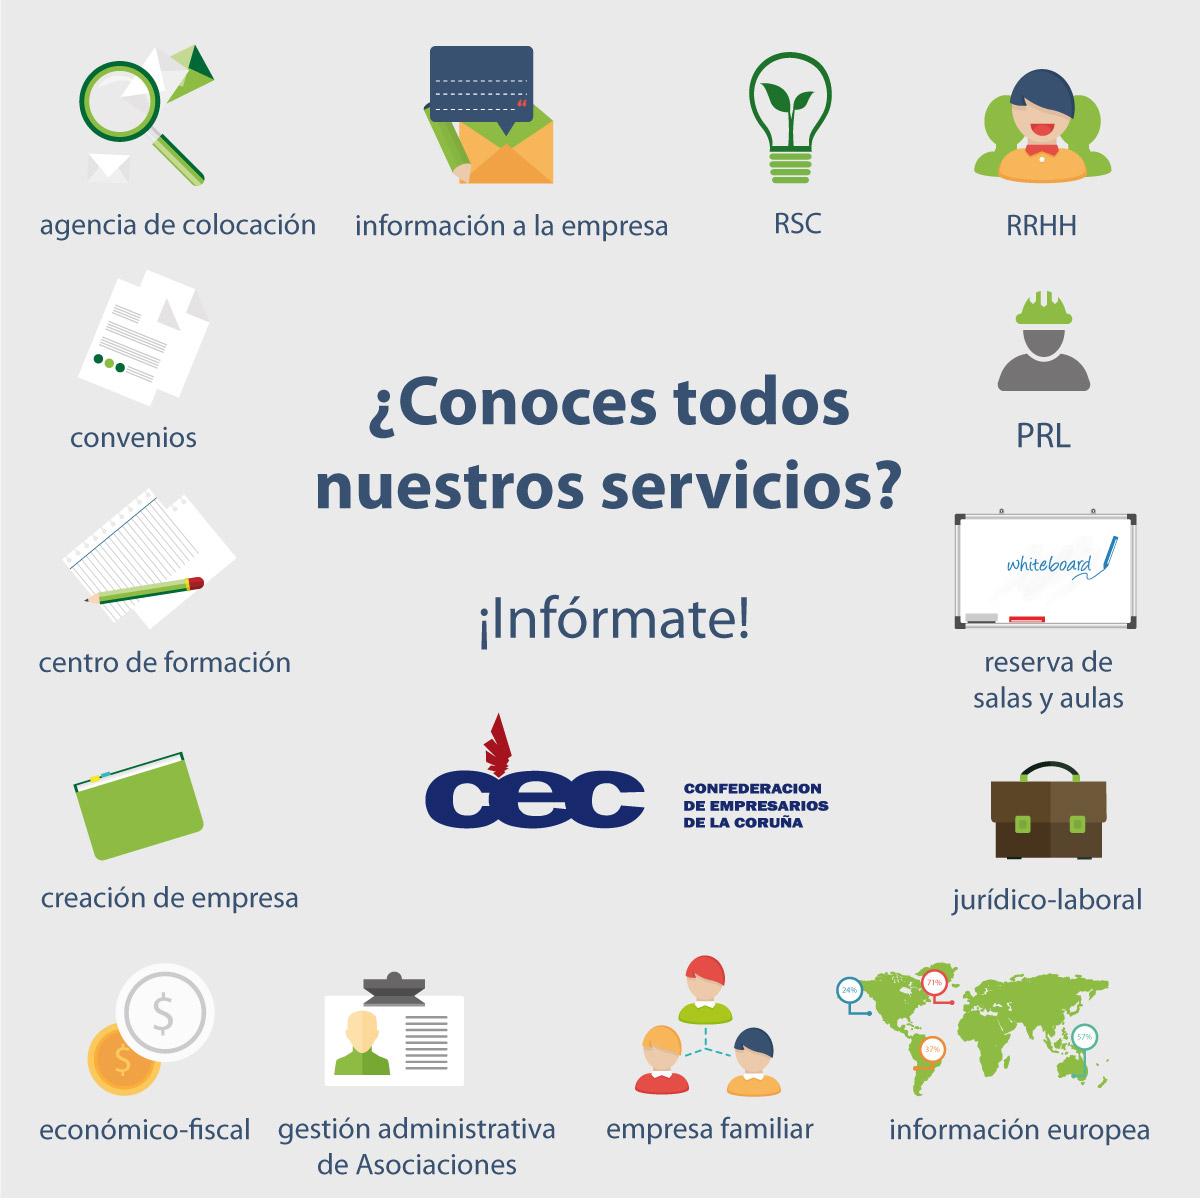 servicios de la CEC Confederación de Empresarios de La Coruña